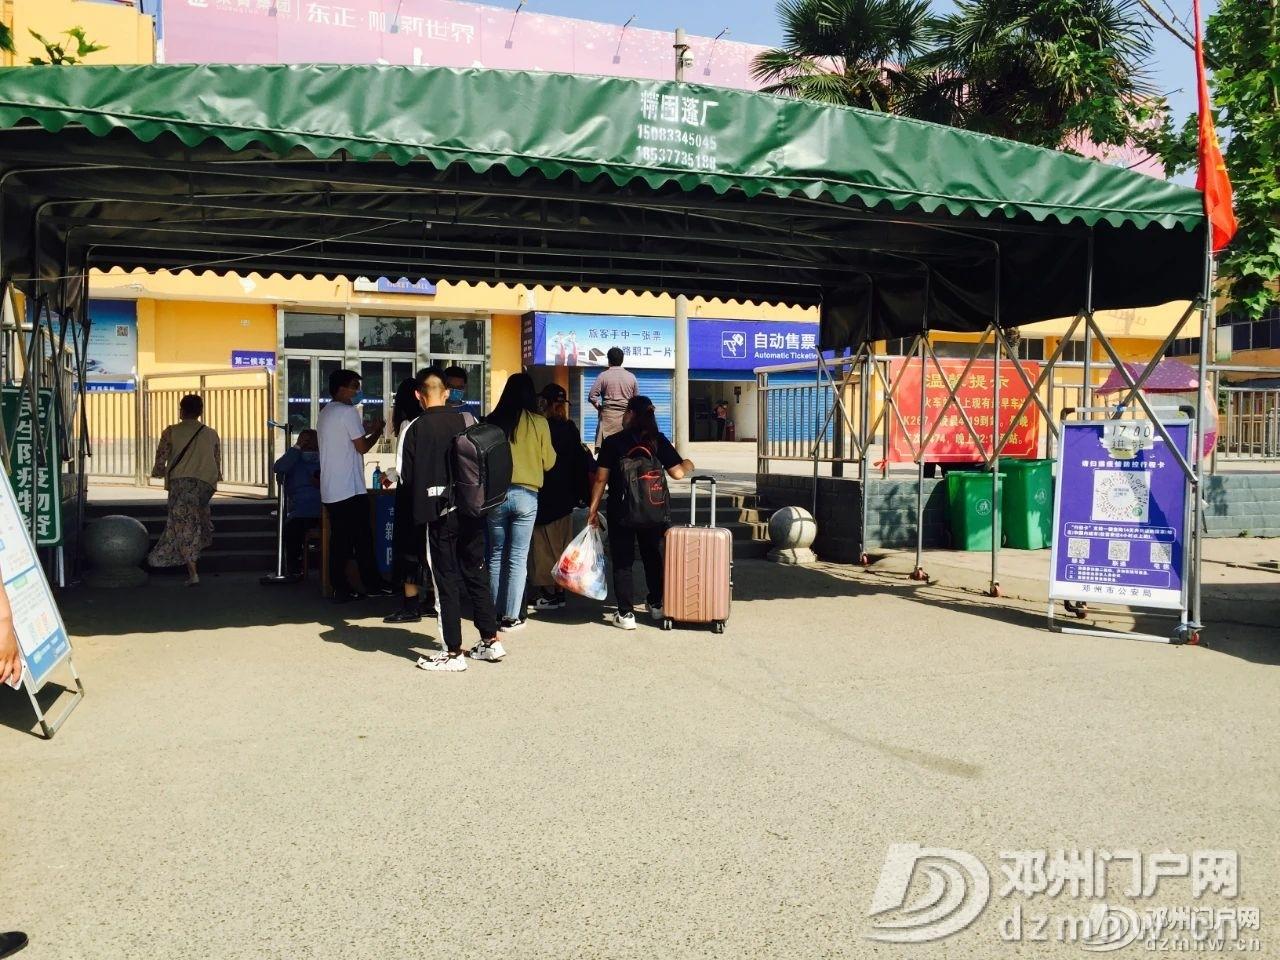 今天起,将有成千上万人离开邓州!在邓州火车站拍到这些画面… - 邓州门户网|邓州网 - b47e1cb90e200823a7471e424339479f.jpg